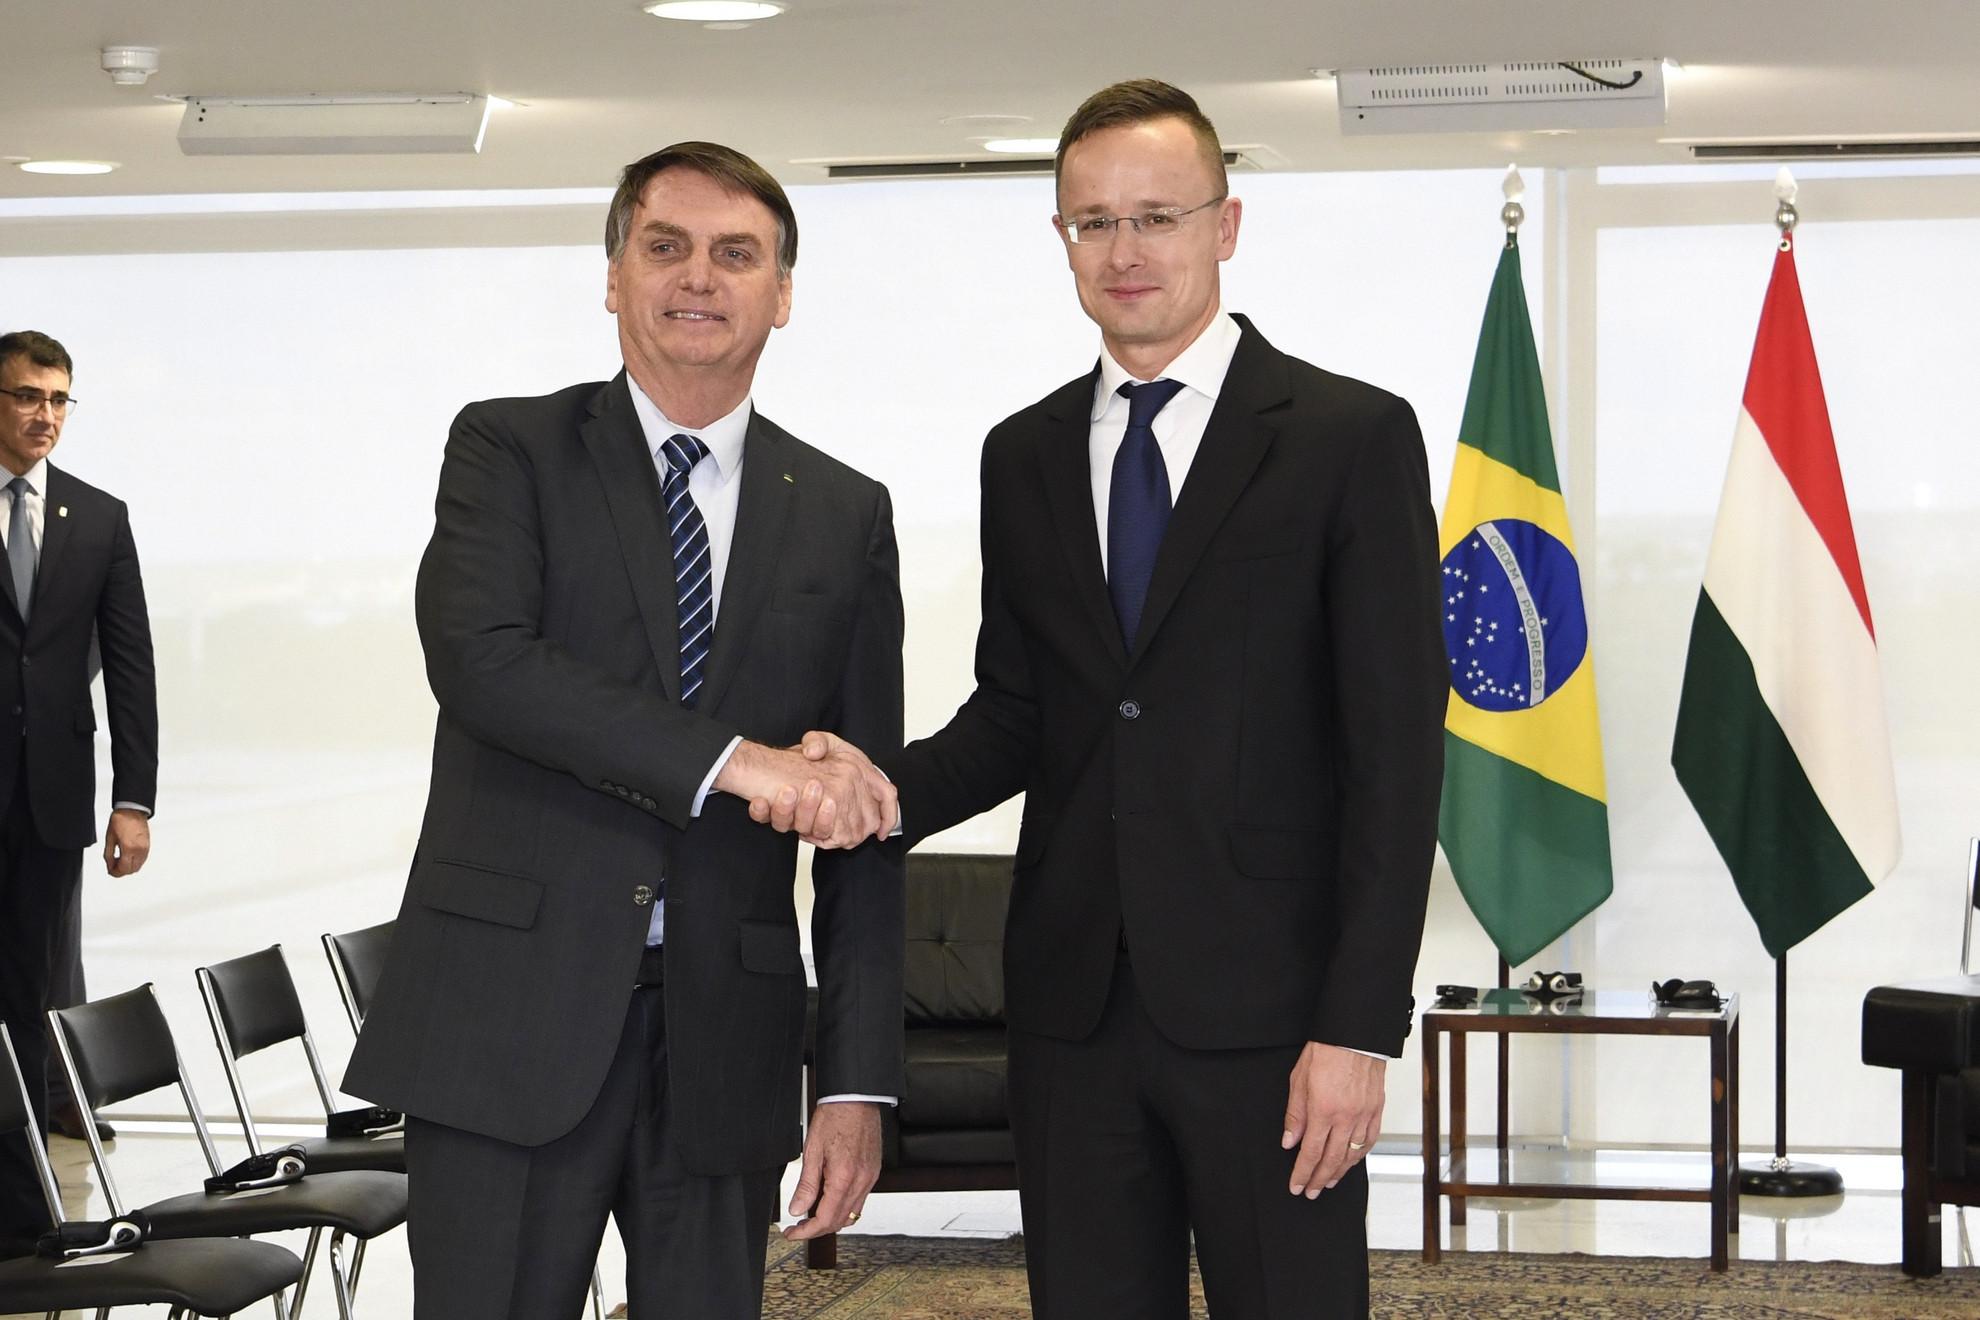 Jair Bolsonaro brazil elnök (b) és Szijjártó Péter külgazdasági és külügyminiszter találkozója Brazíliavárosban